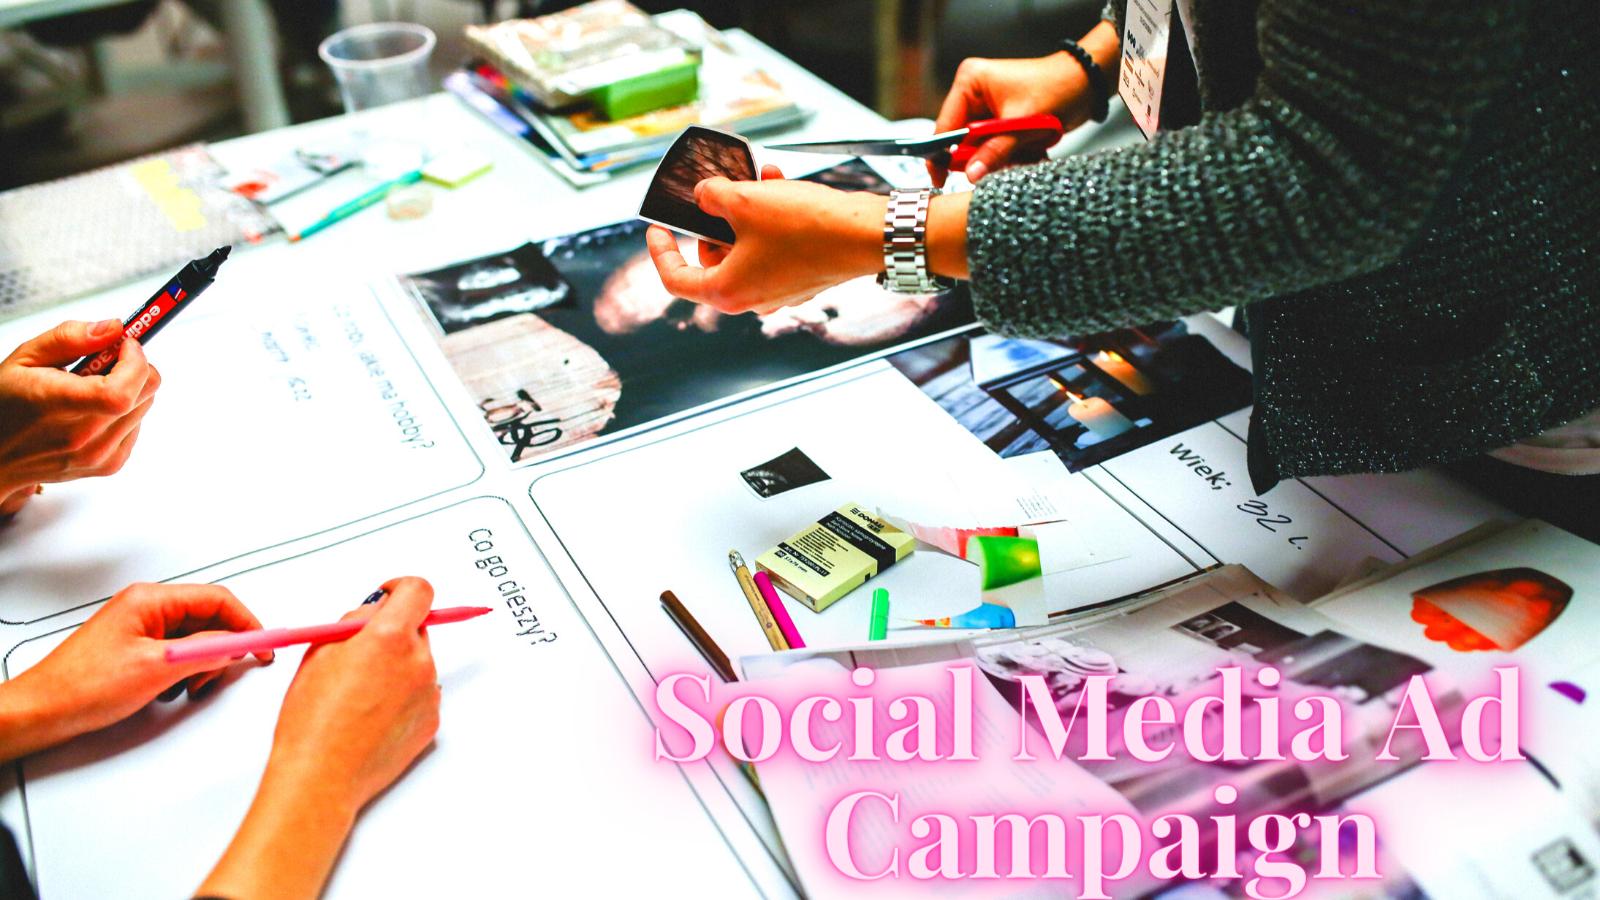 social-media-ad-campaign